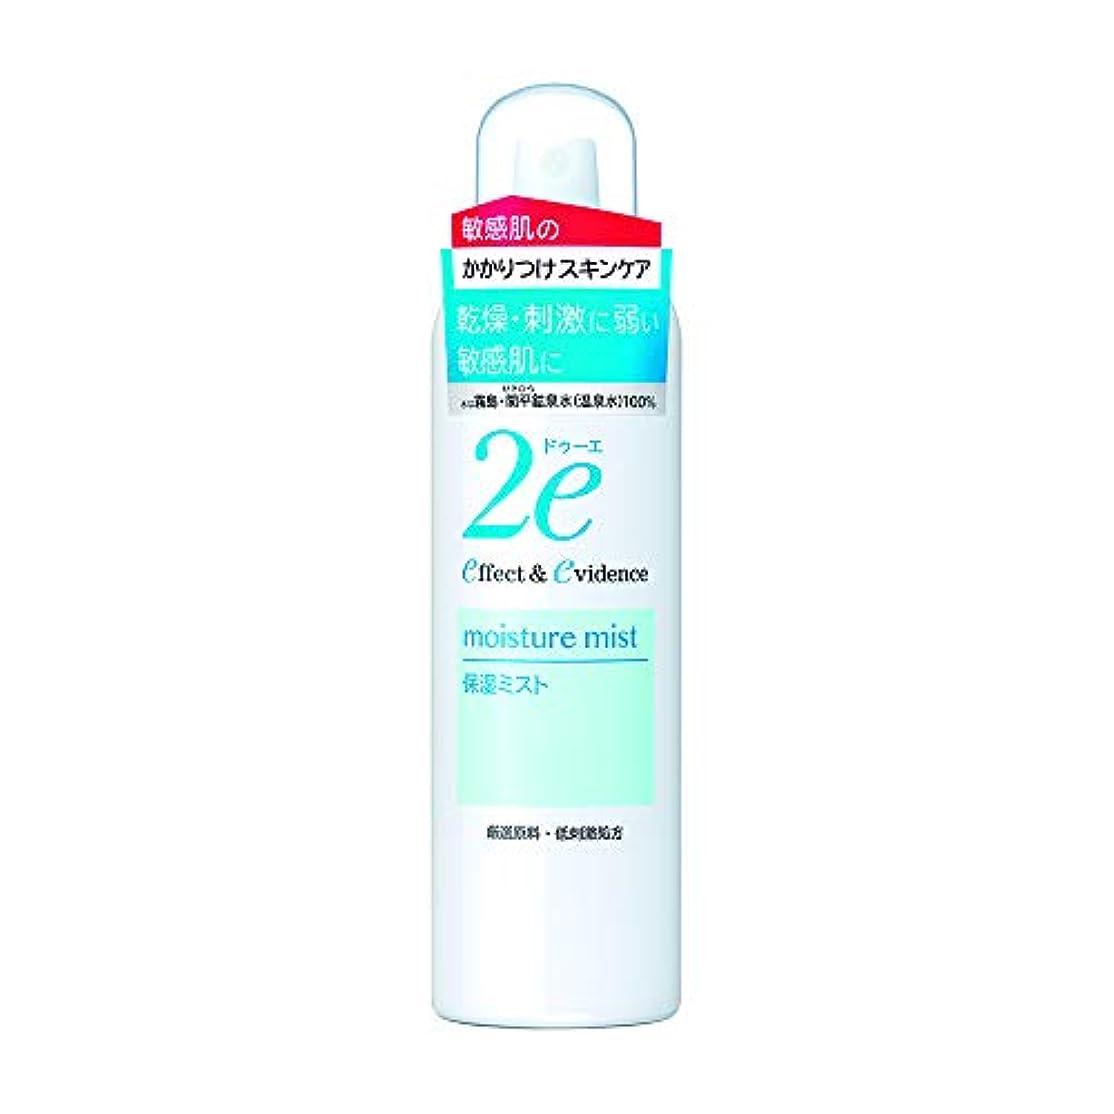 モデレータ伴うタイピスト2e(ドゥーエ) 保湿ミスト 敏感肌用化粧水 スプレータイプ 低刺激処方 180g